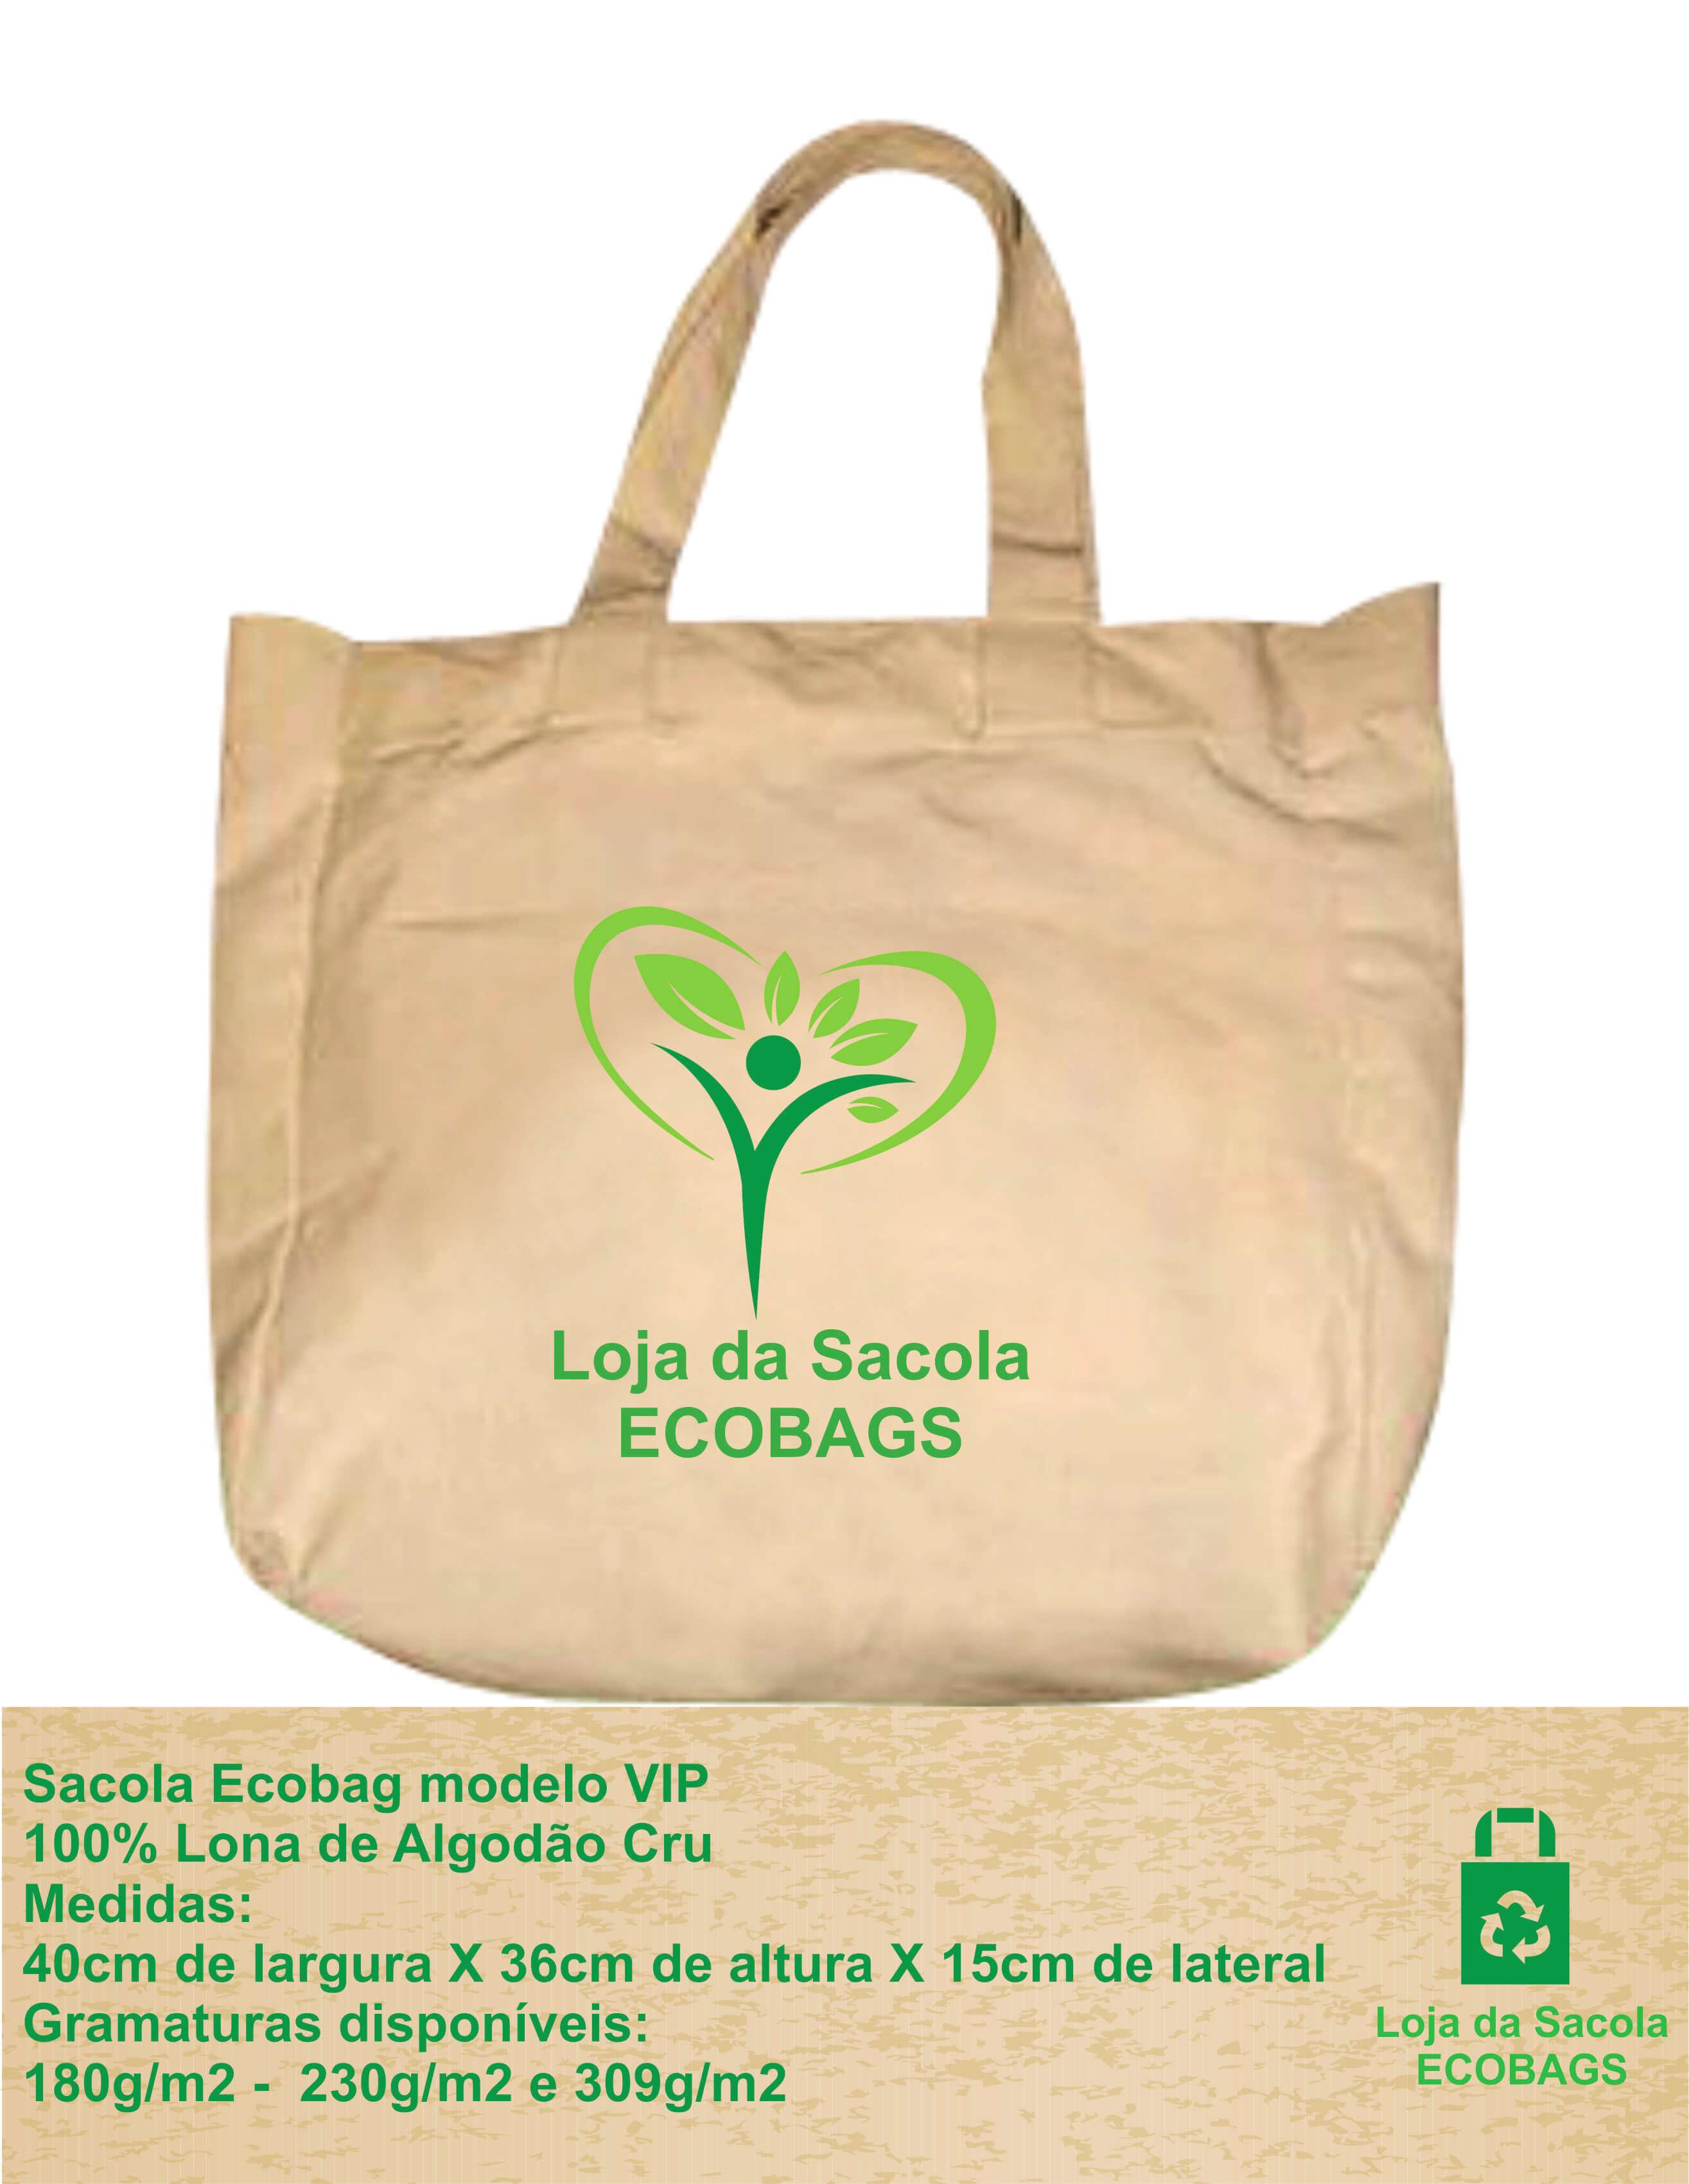 Sacola Ecobag VIP